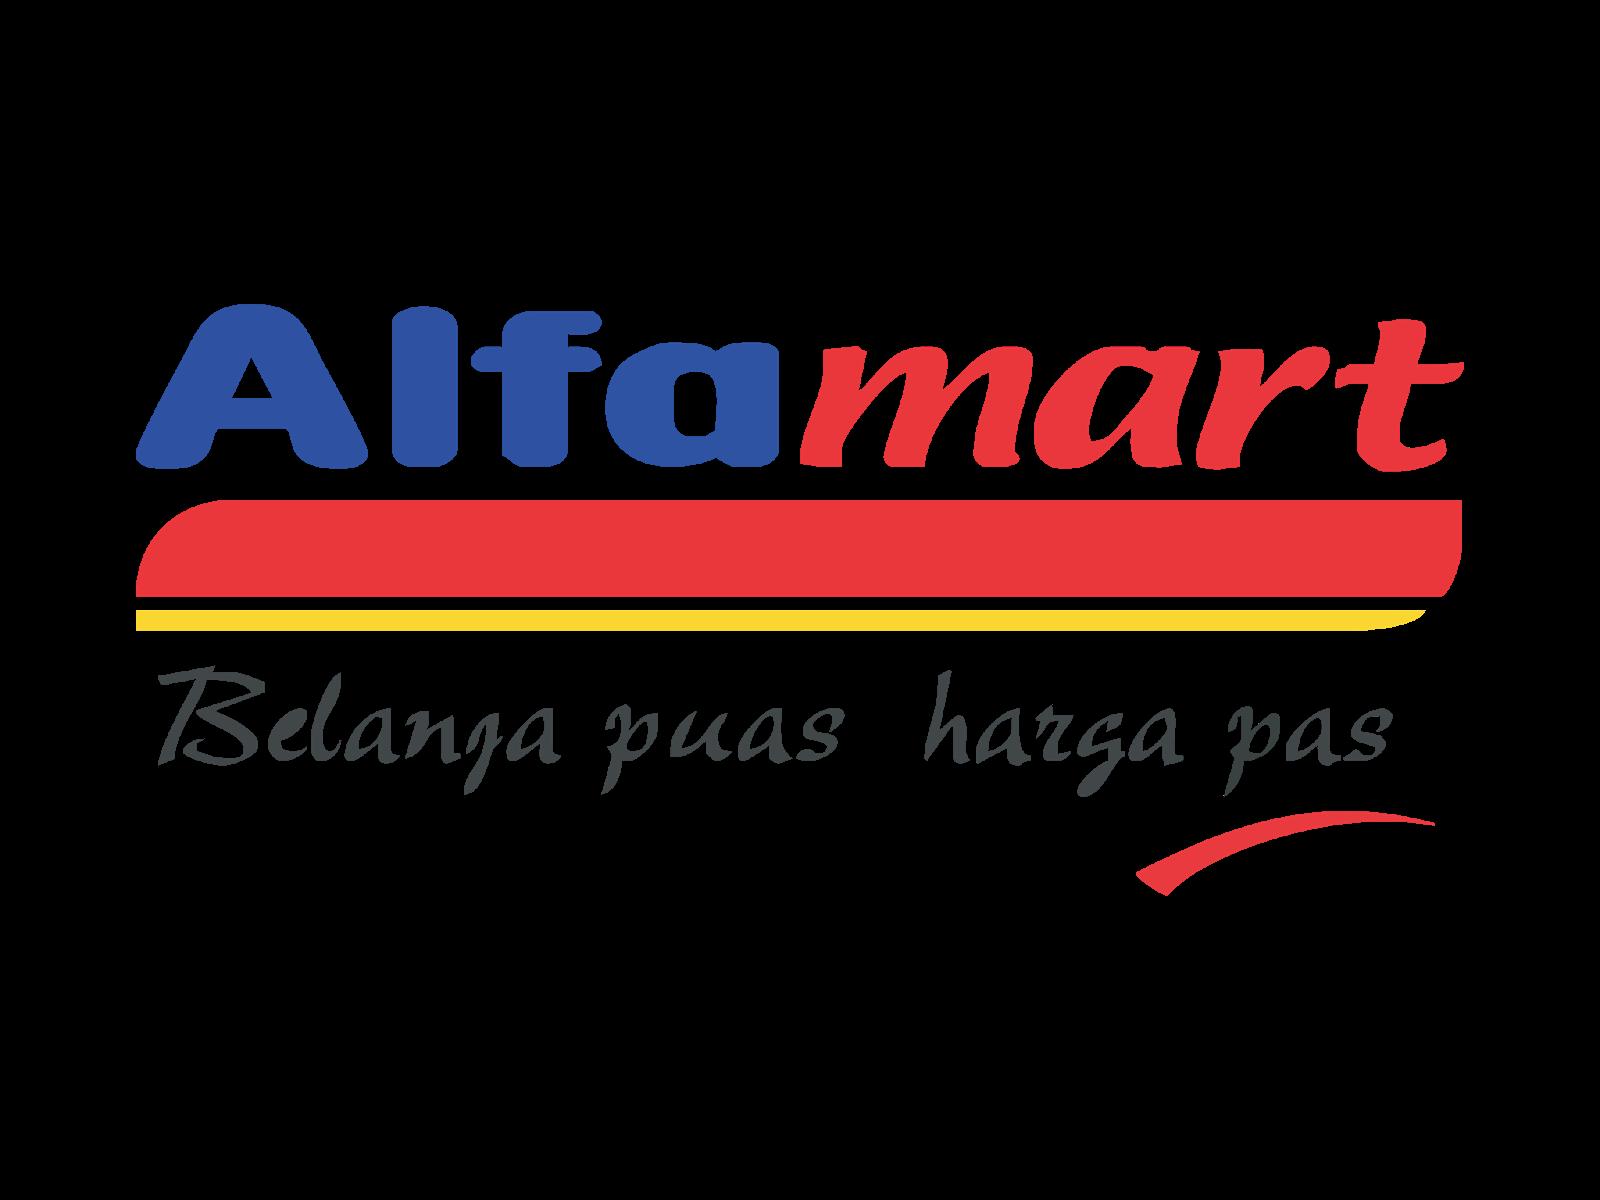 Logo Alfamart Format Cdr Png Gudril Tempat Download Gambar